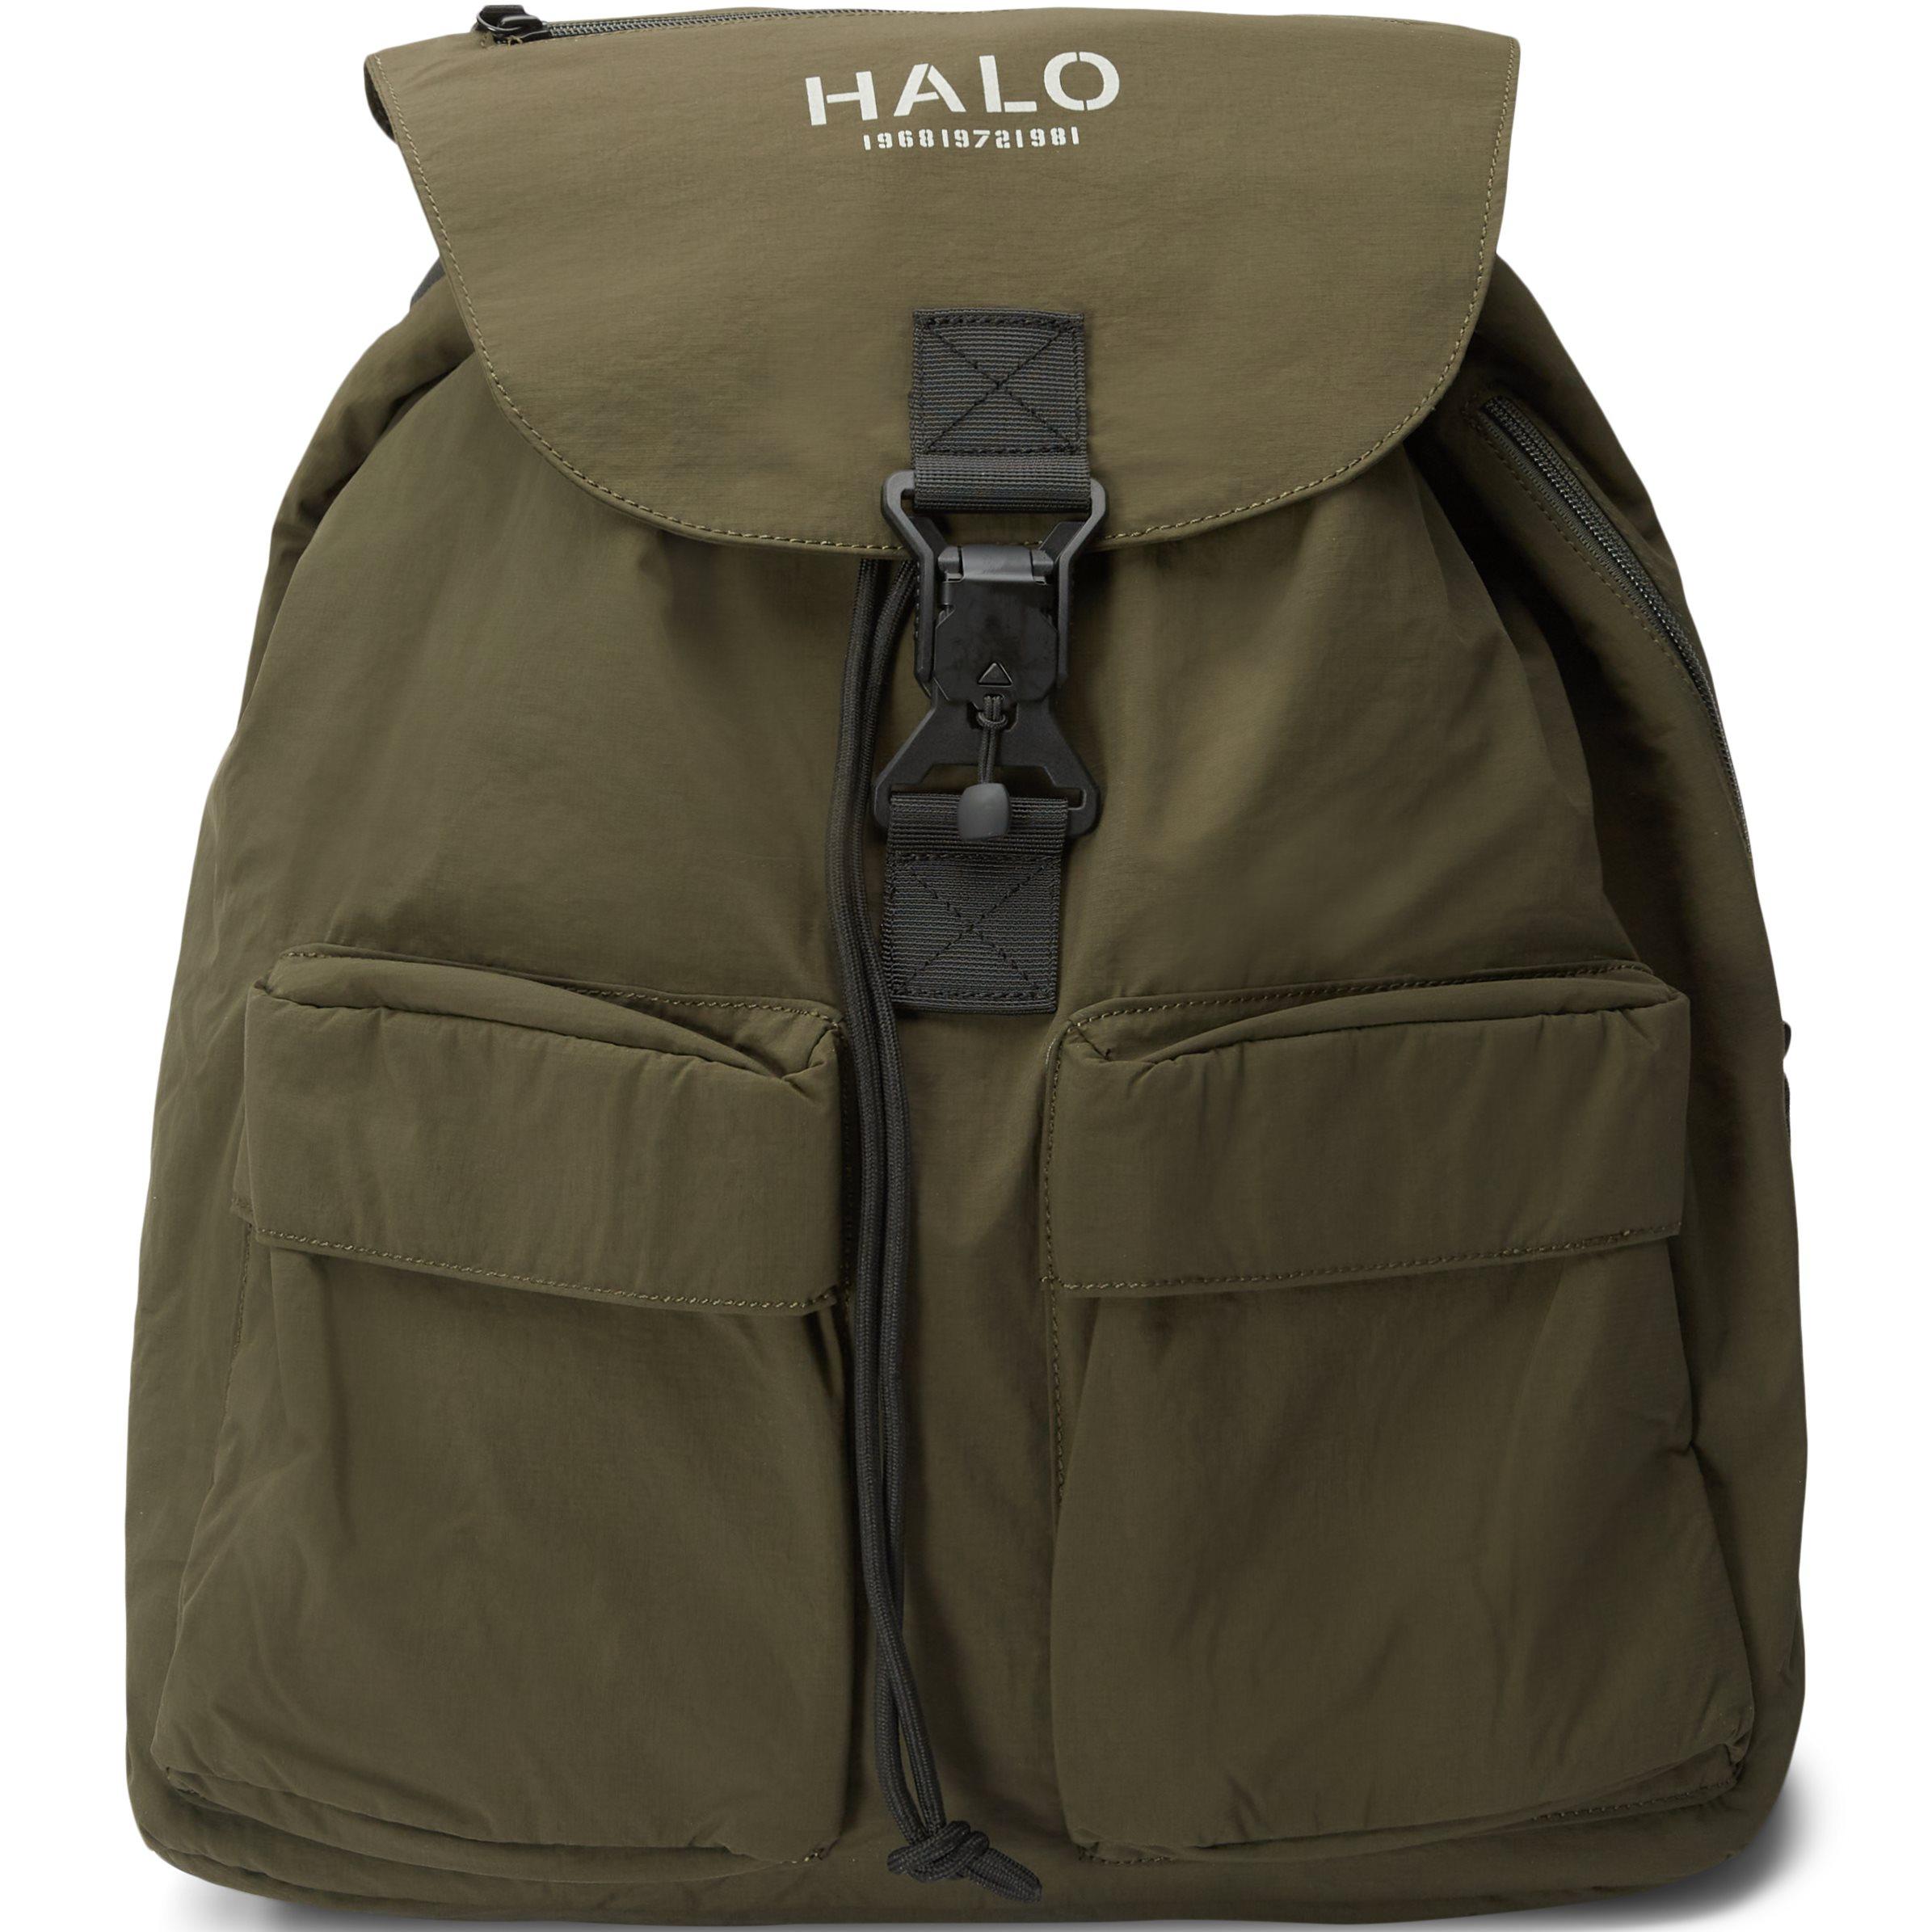 Nylon Backpack - Väskor - Grön